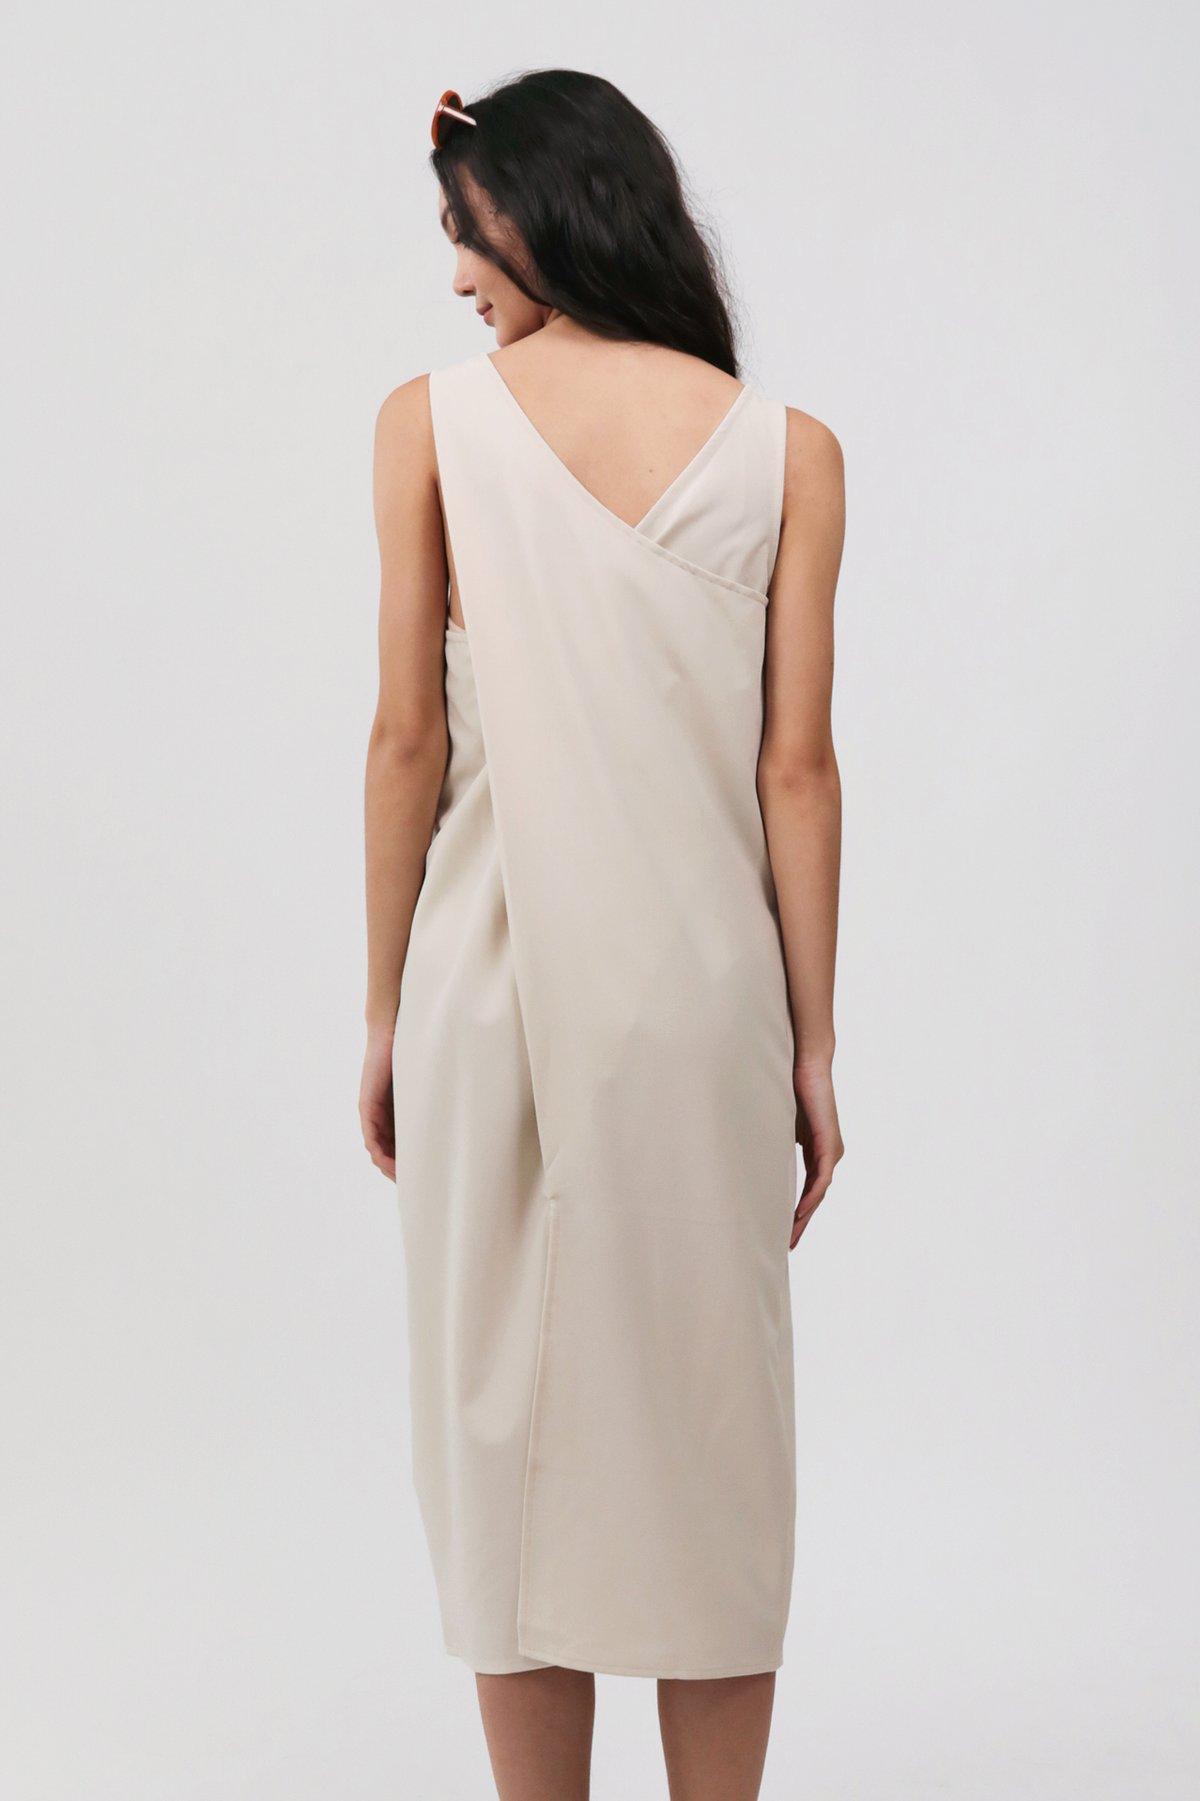 Sil Overlap Dress (Beige)